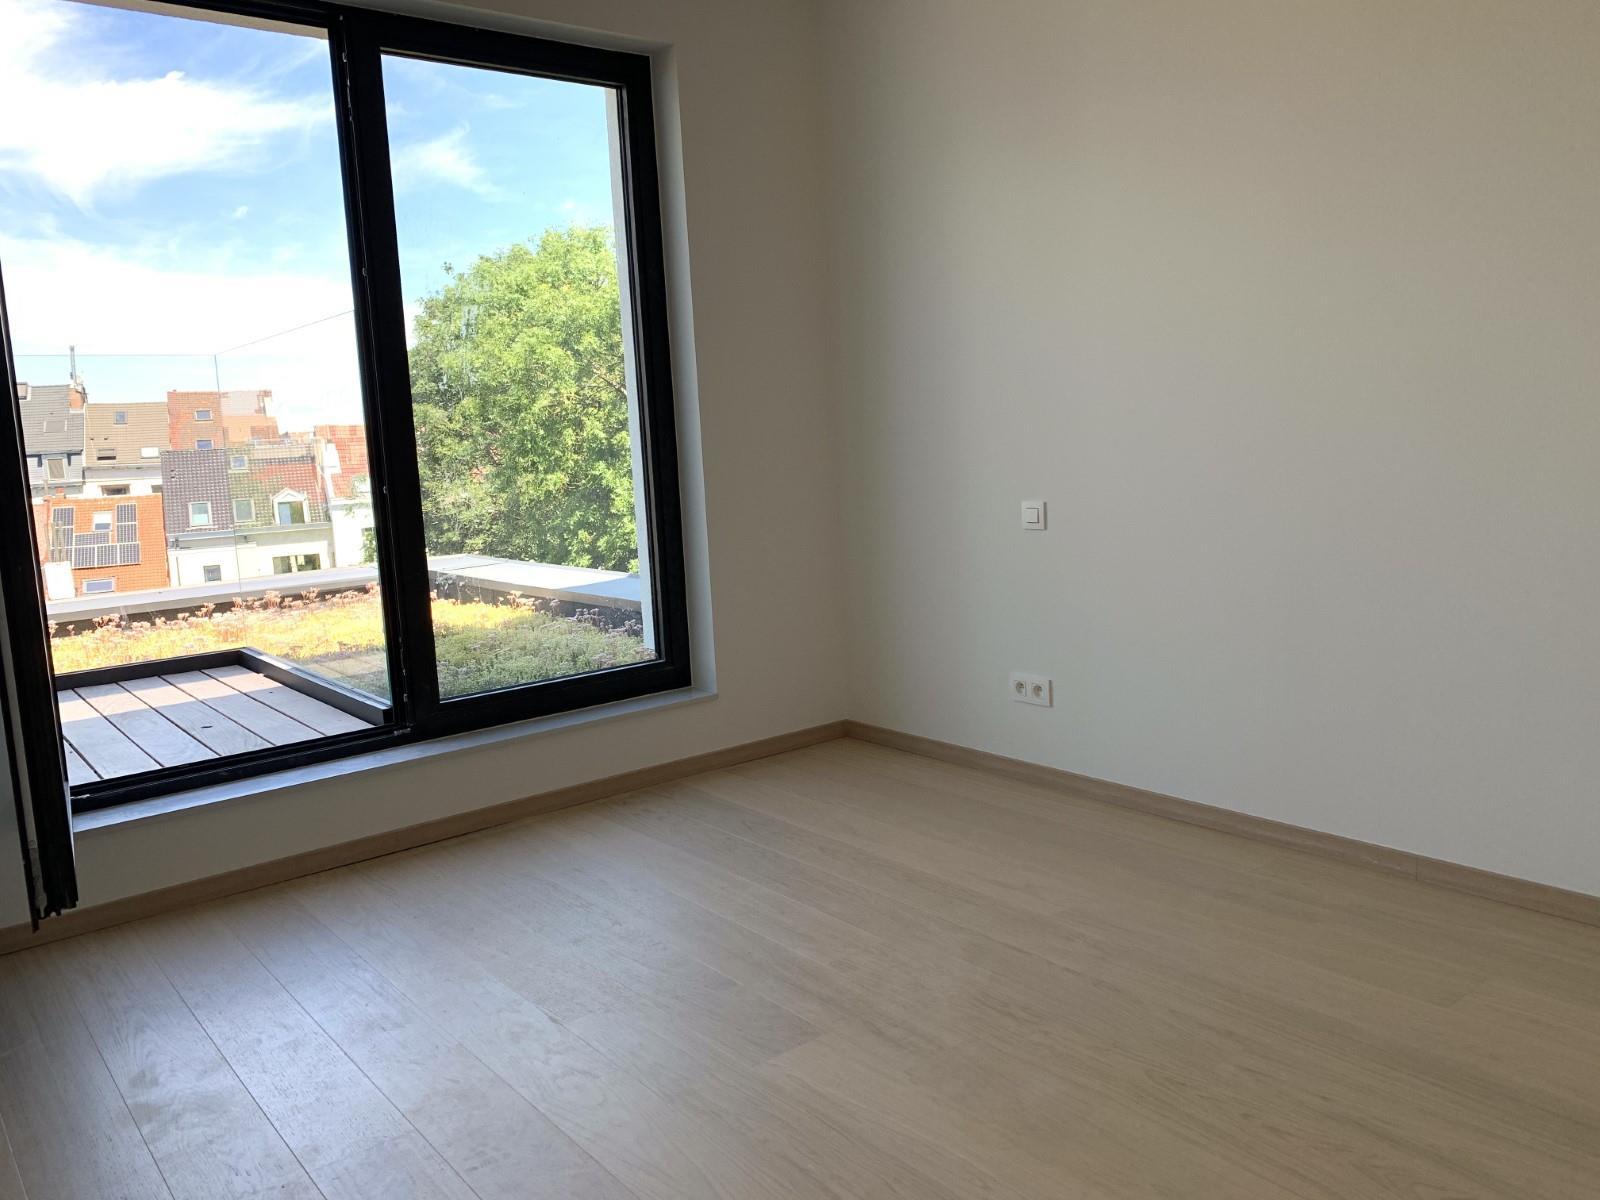 Appartement exceptionnel - Ixelles - #3929606-10